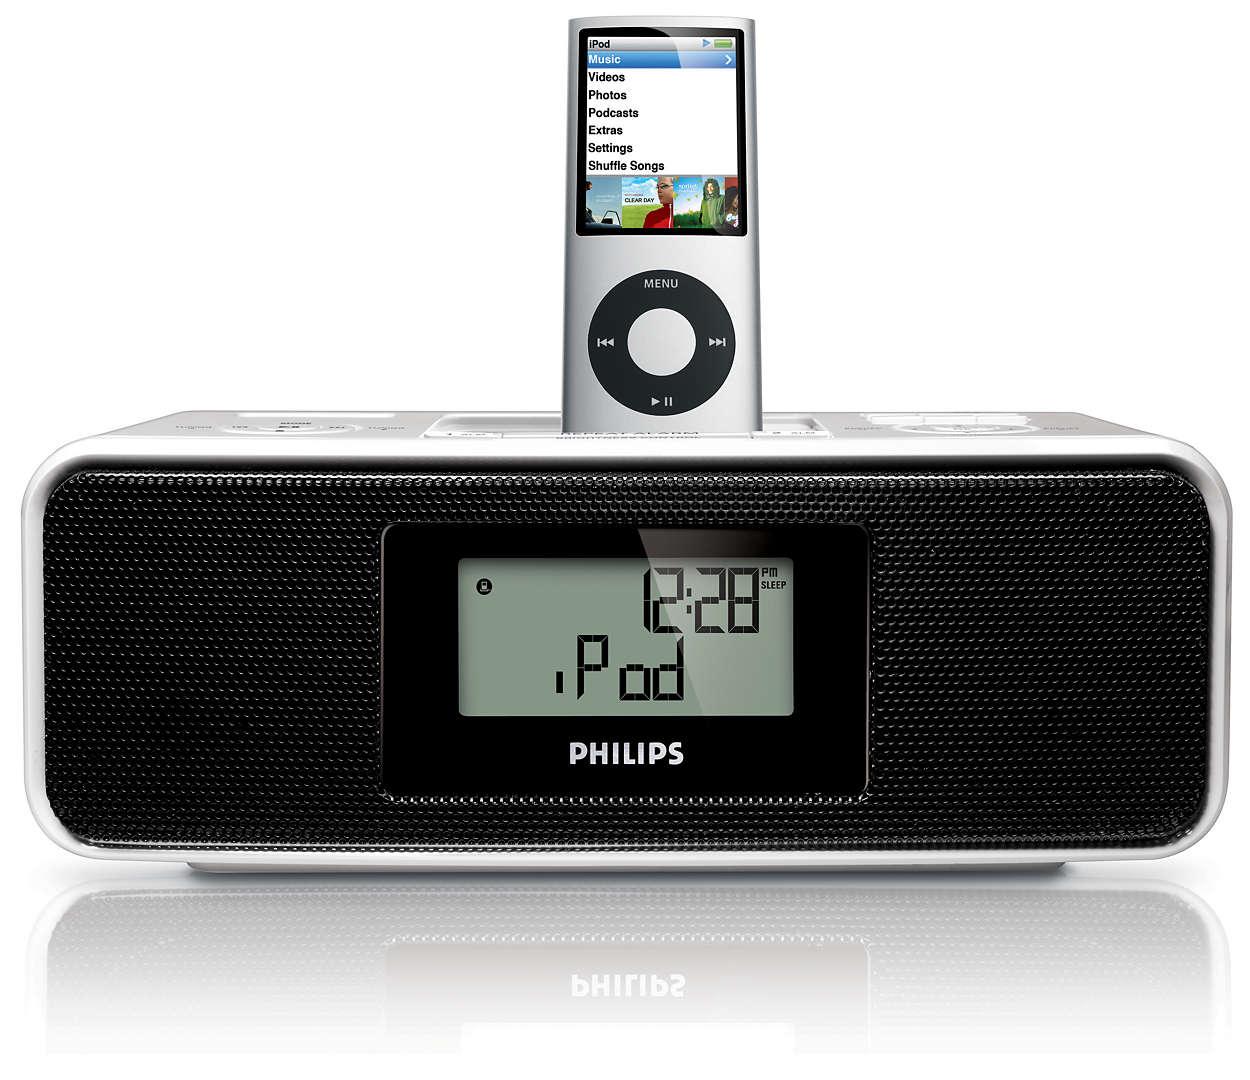 Herää iPod-musiikkiin